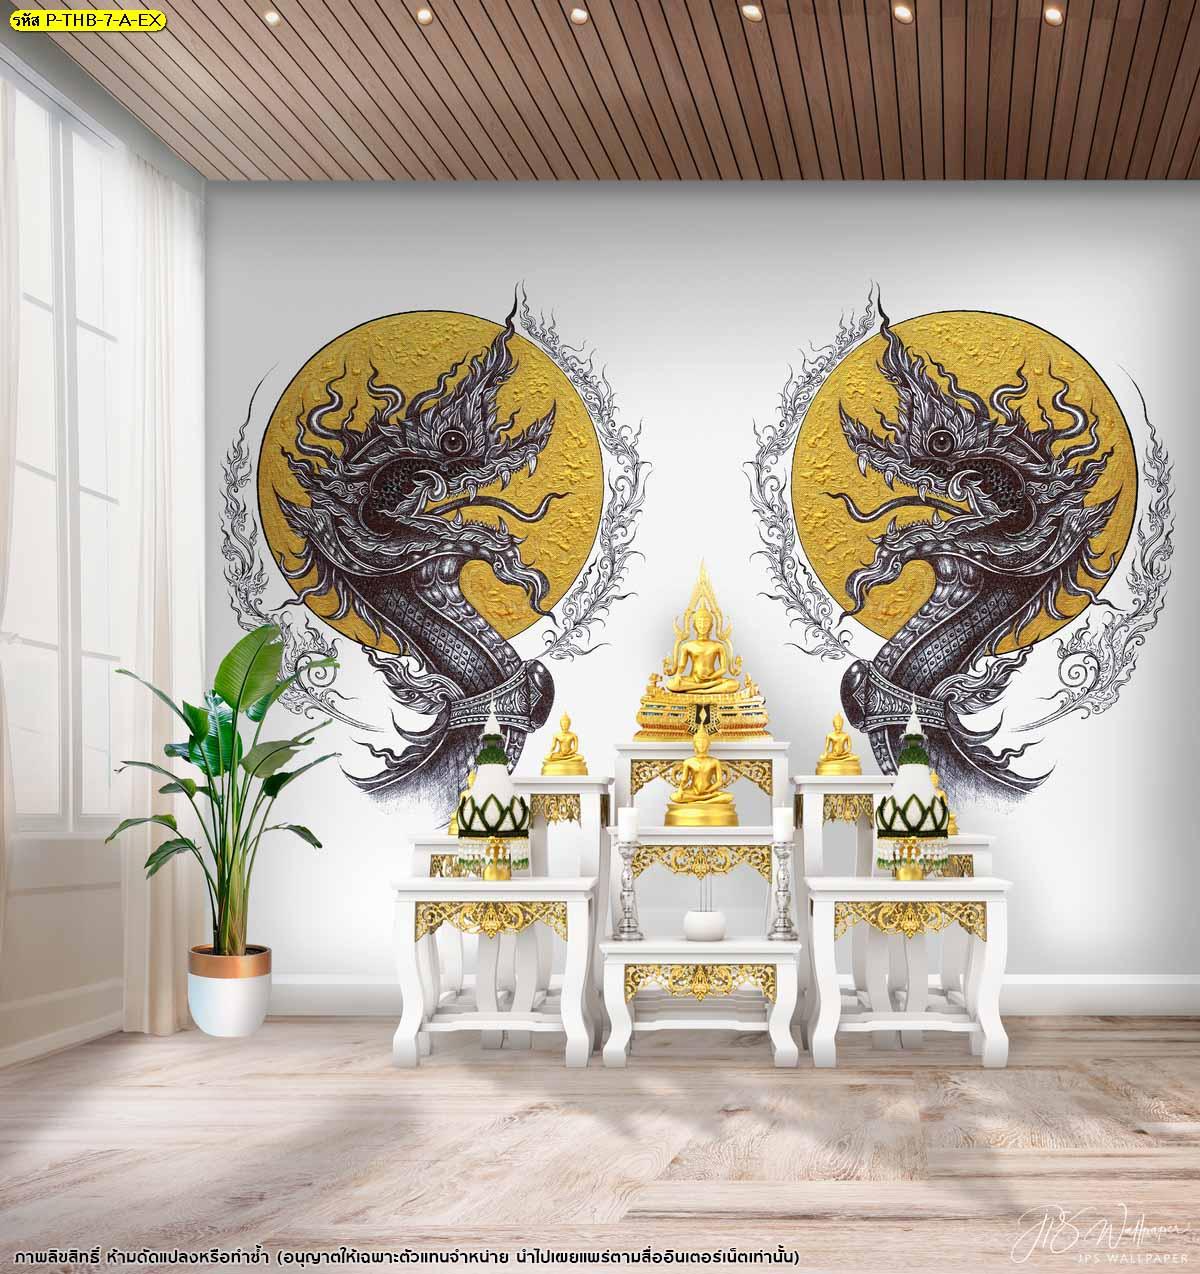 แต่งบ้านด้วยภาพจิตรกรรมไทย แบบห้องพระโมเดิร์น สั่งทำวอลเปเปอร์หลายไม่เหมือนใคร